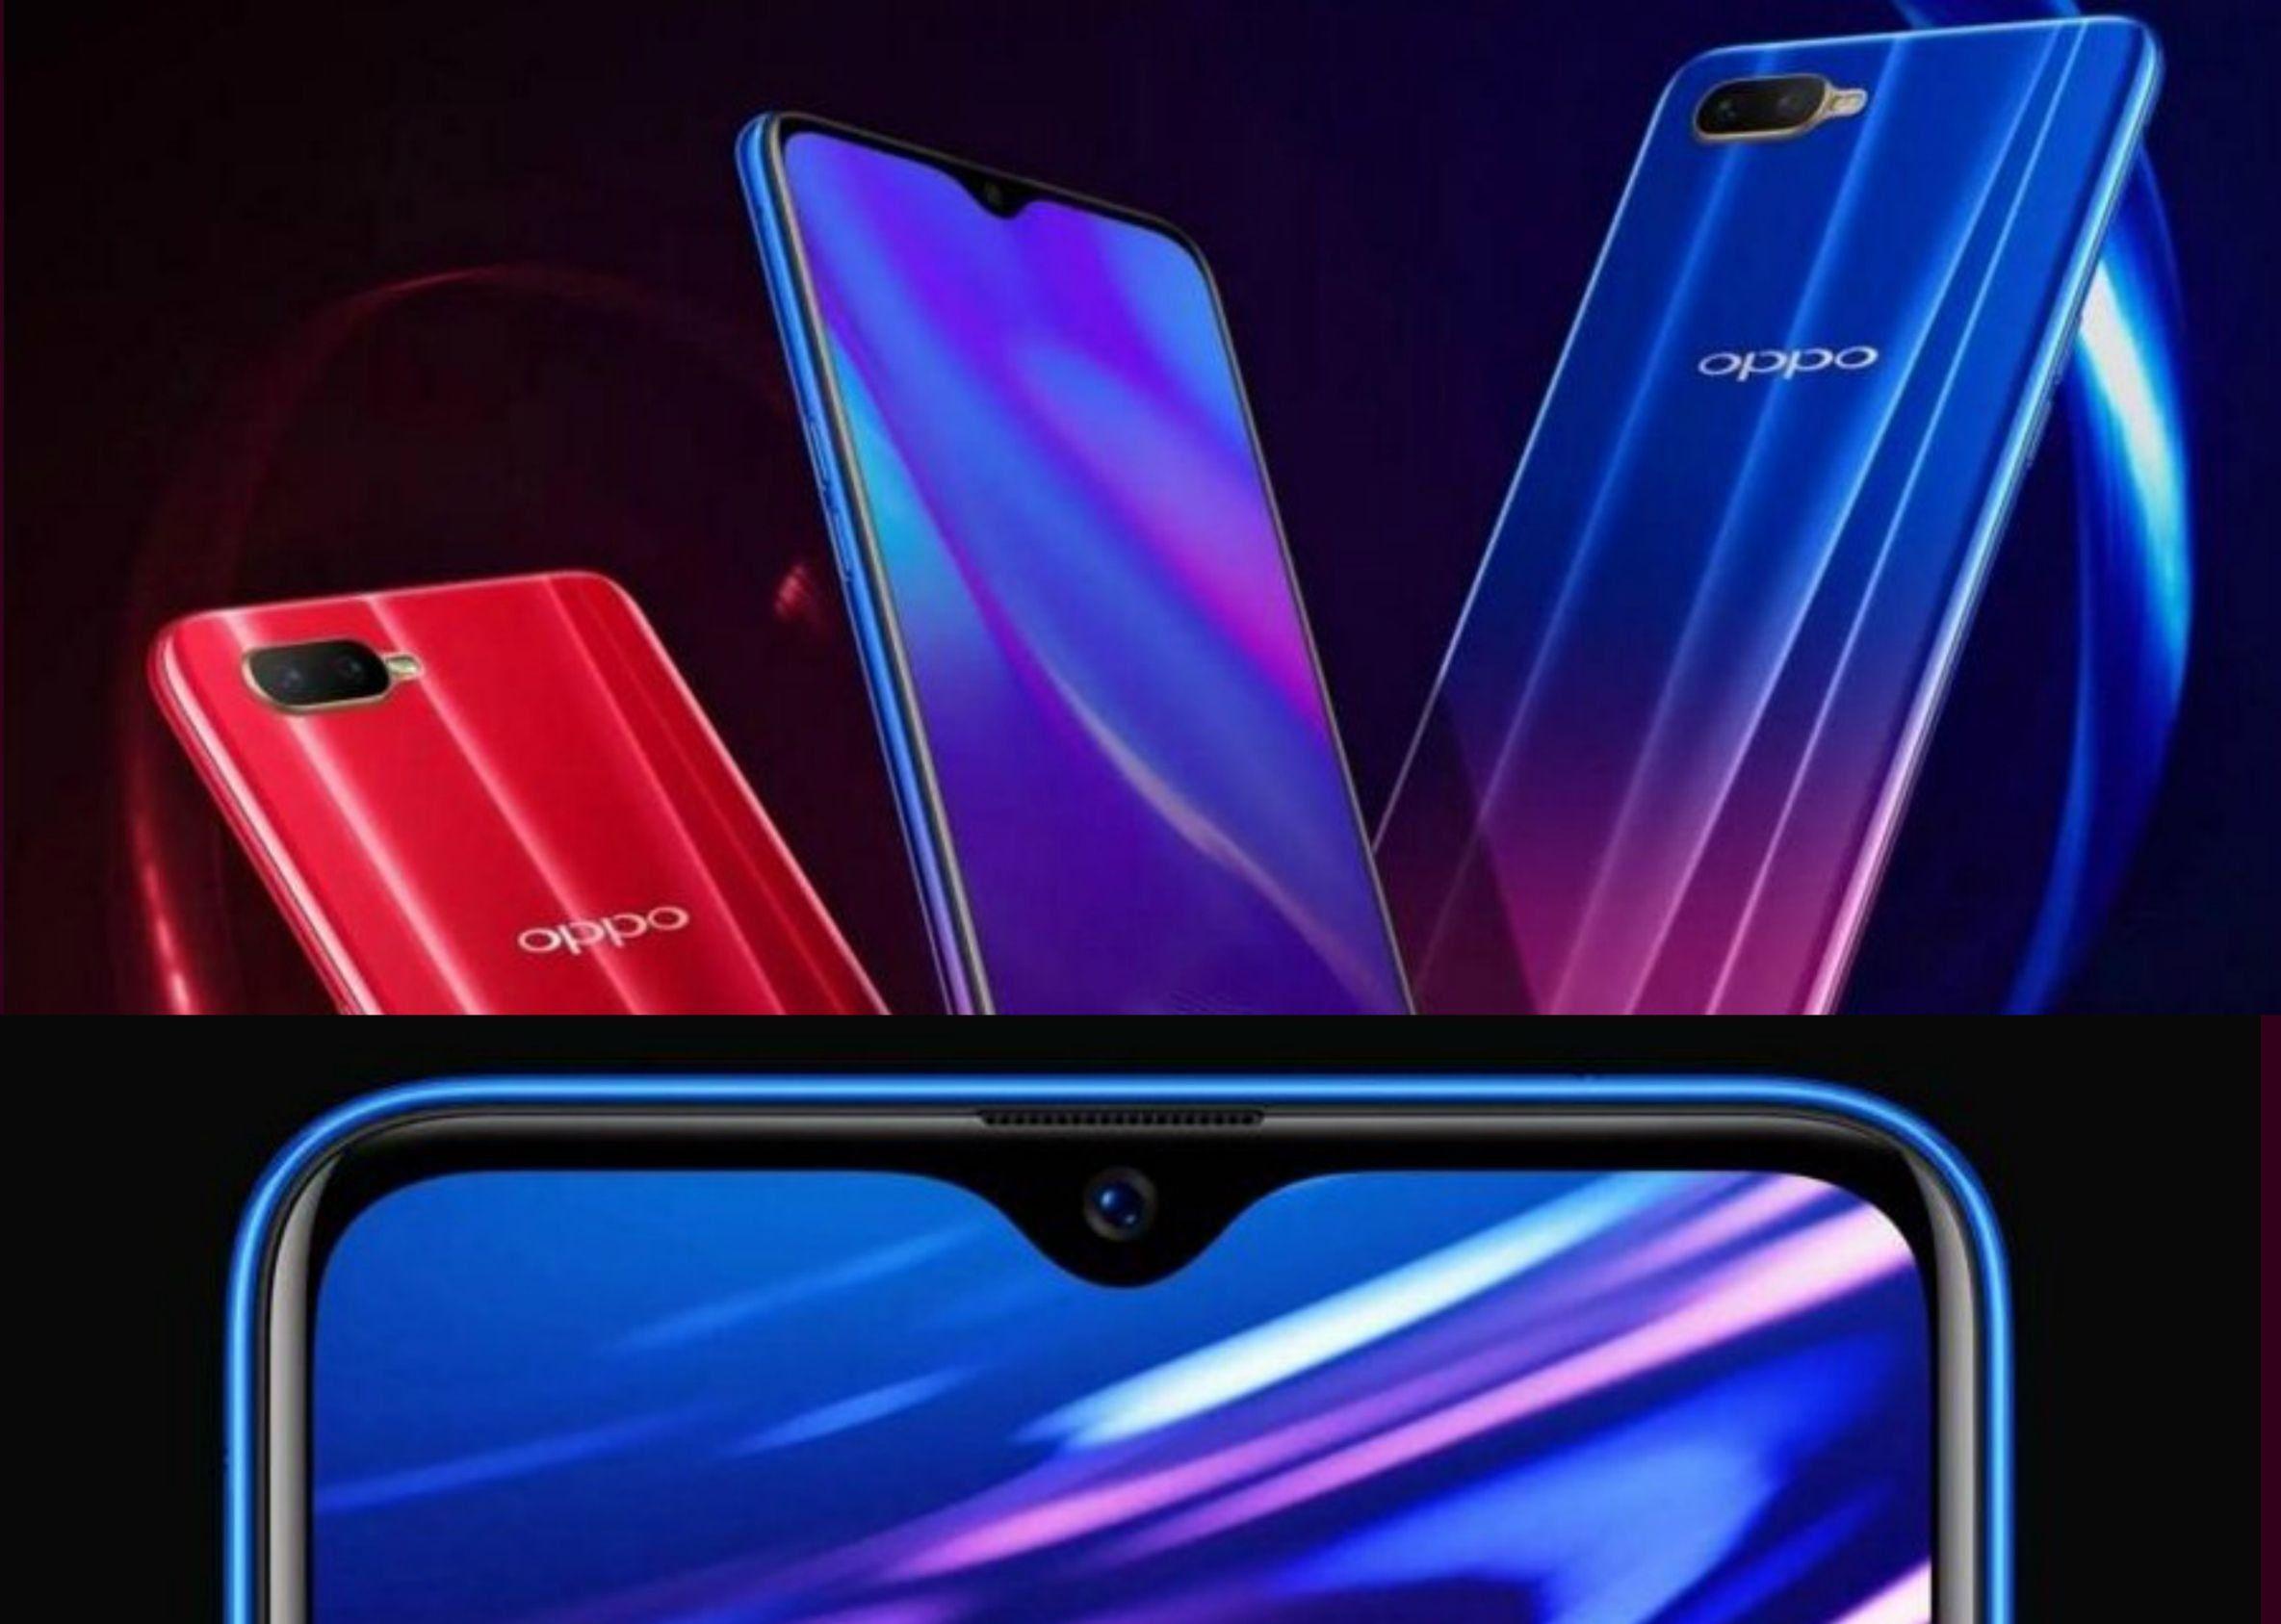 Смартфон Oppo K1 — достоинства и недостатки